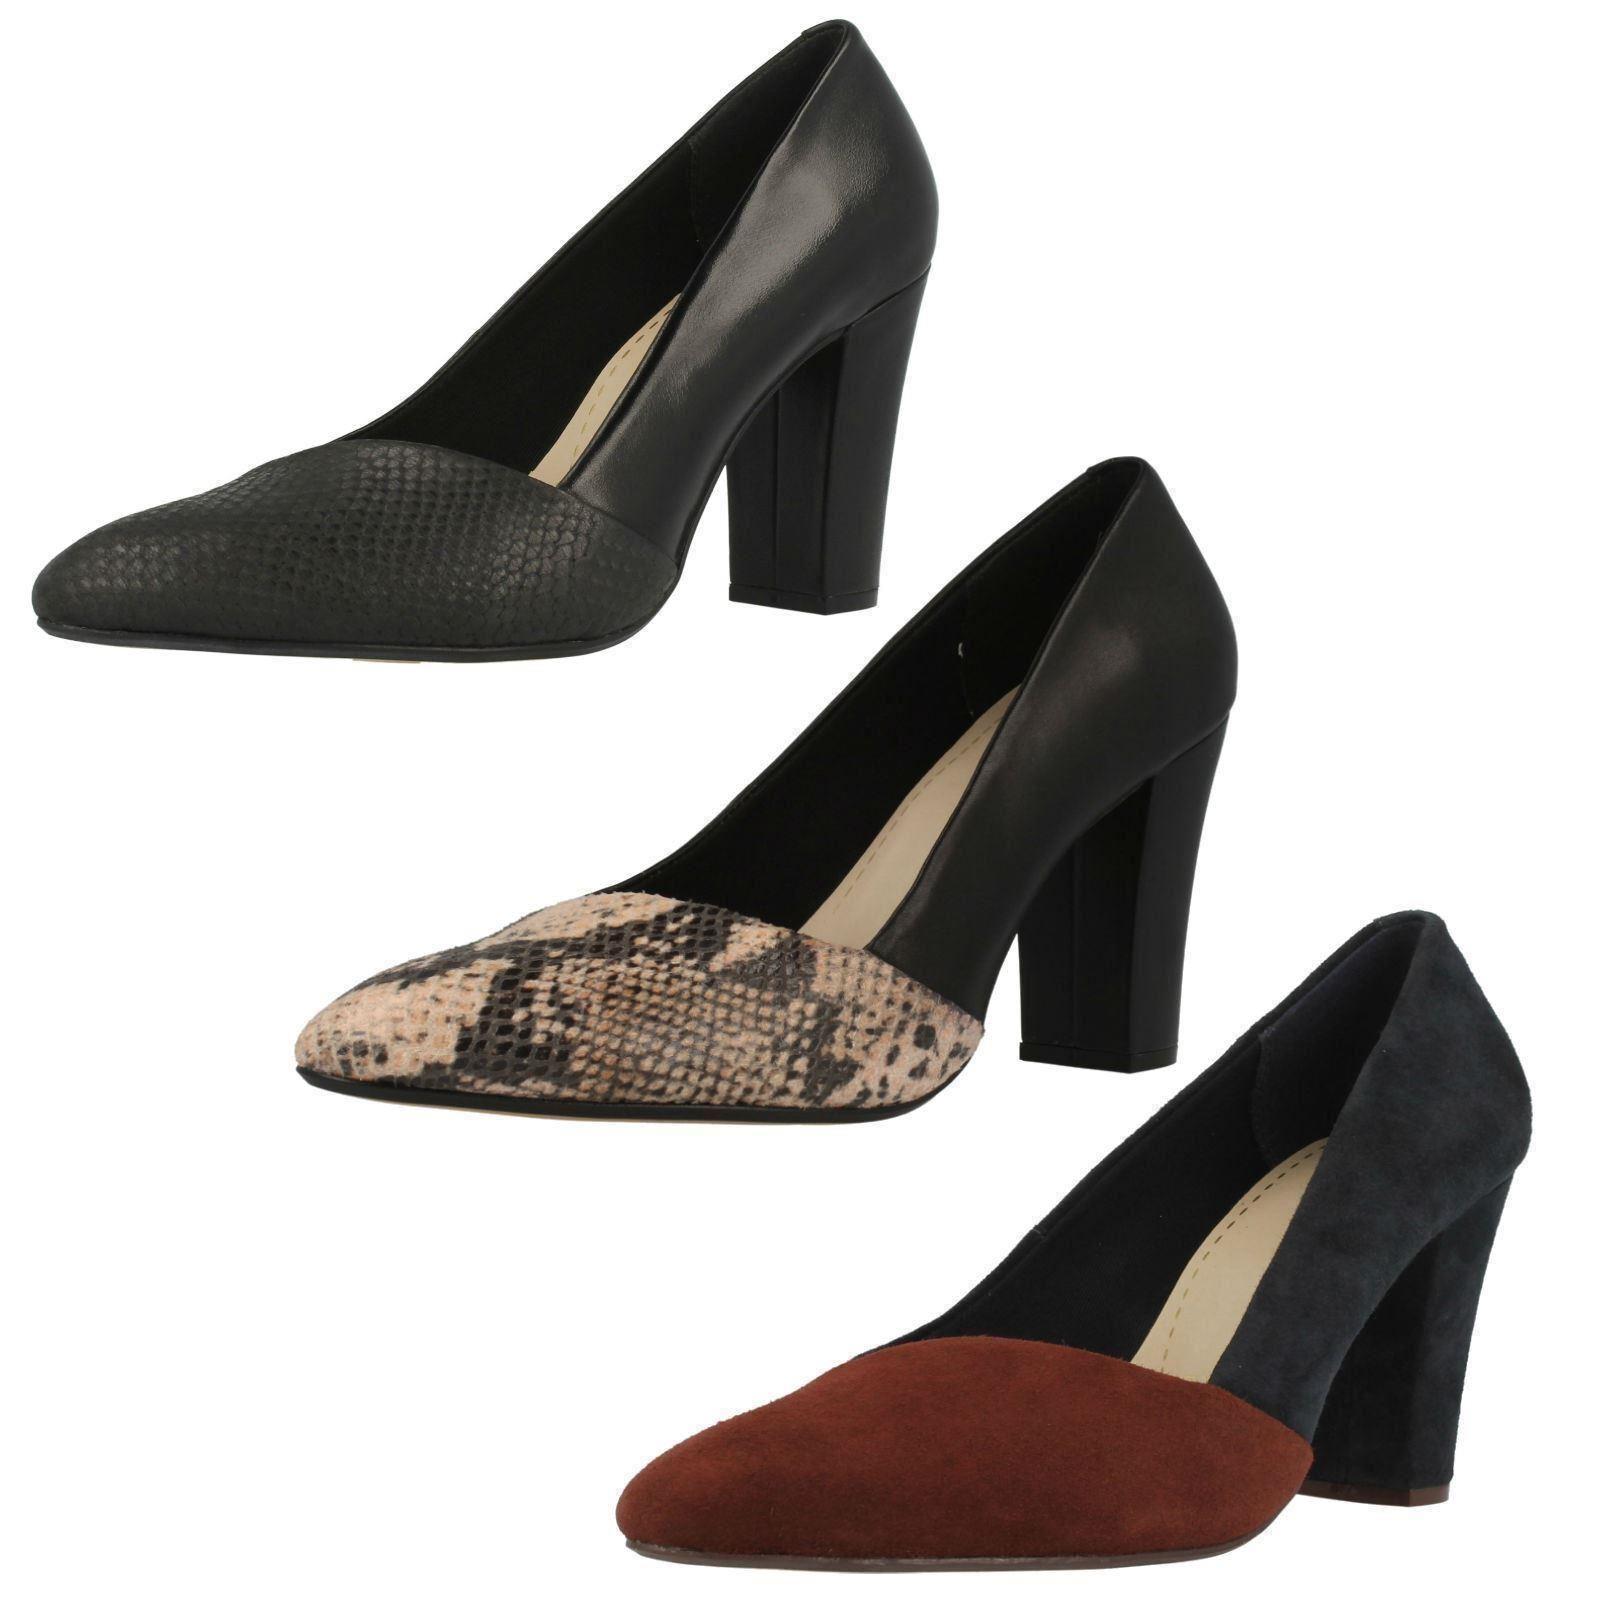 Ladies Clarks High Heel Court Shoes 'Babble Brook'